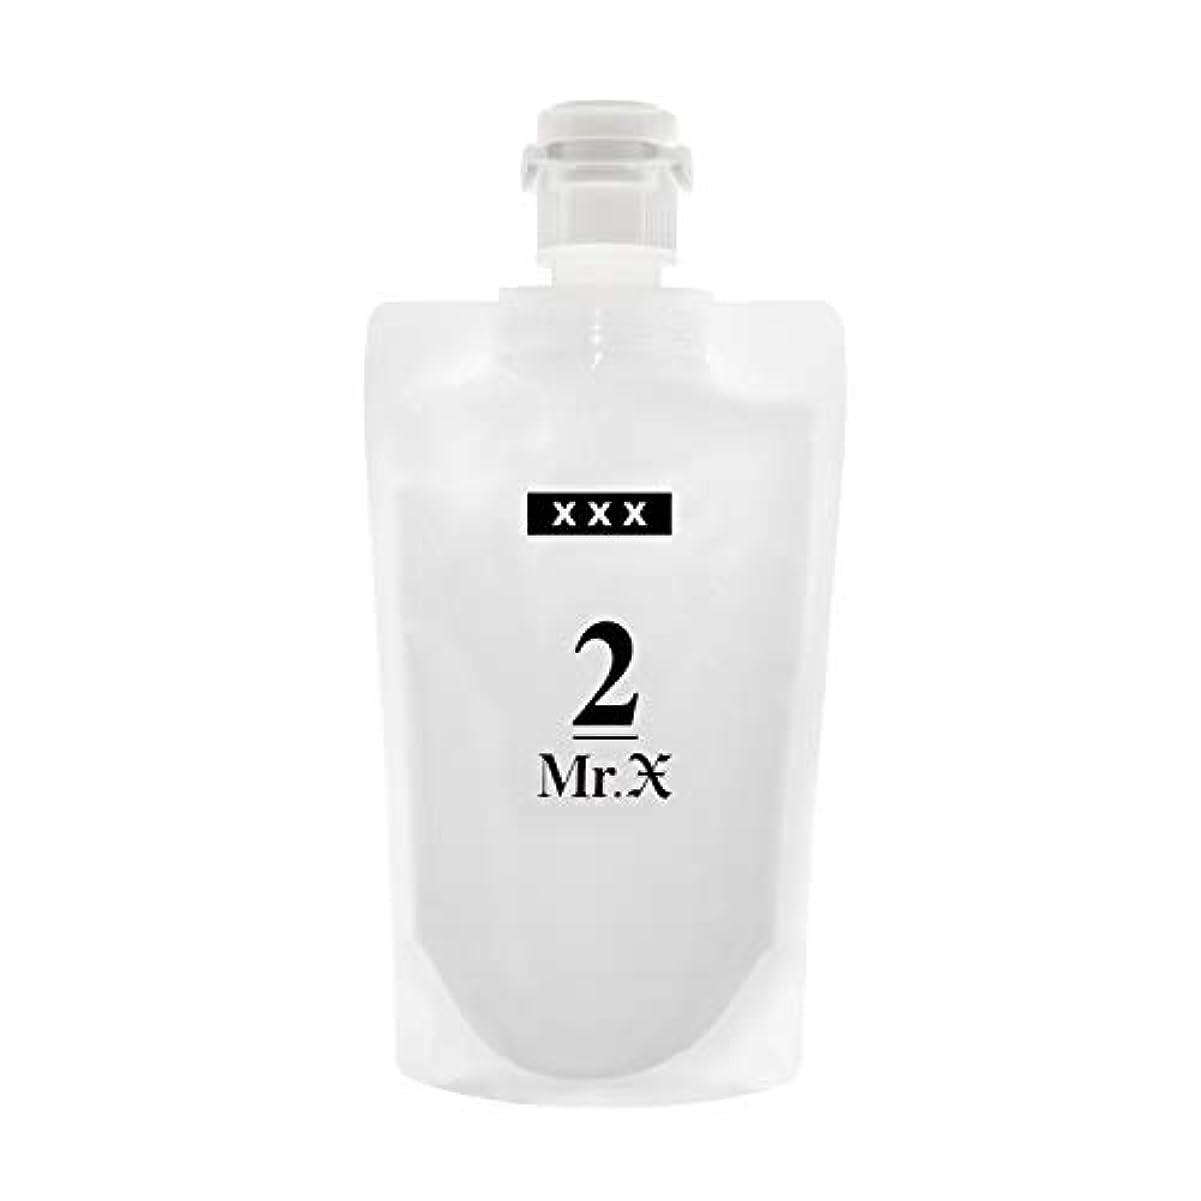 子豚一握りムスタチオMr.X 「2」MILKY LOTION ミスターエックス ミルキーローション (乳液) 130g メンズスキンケア